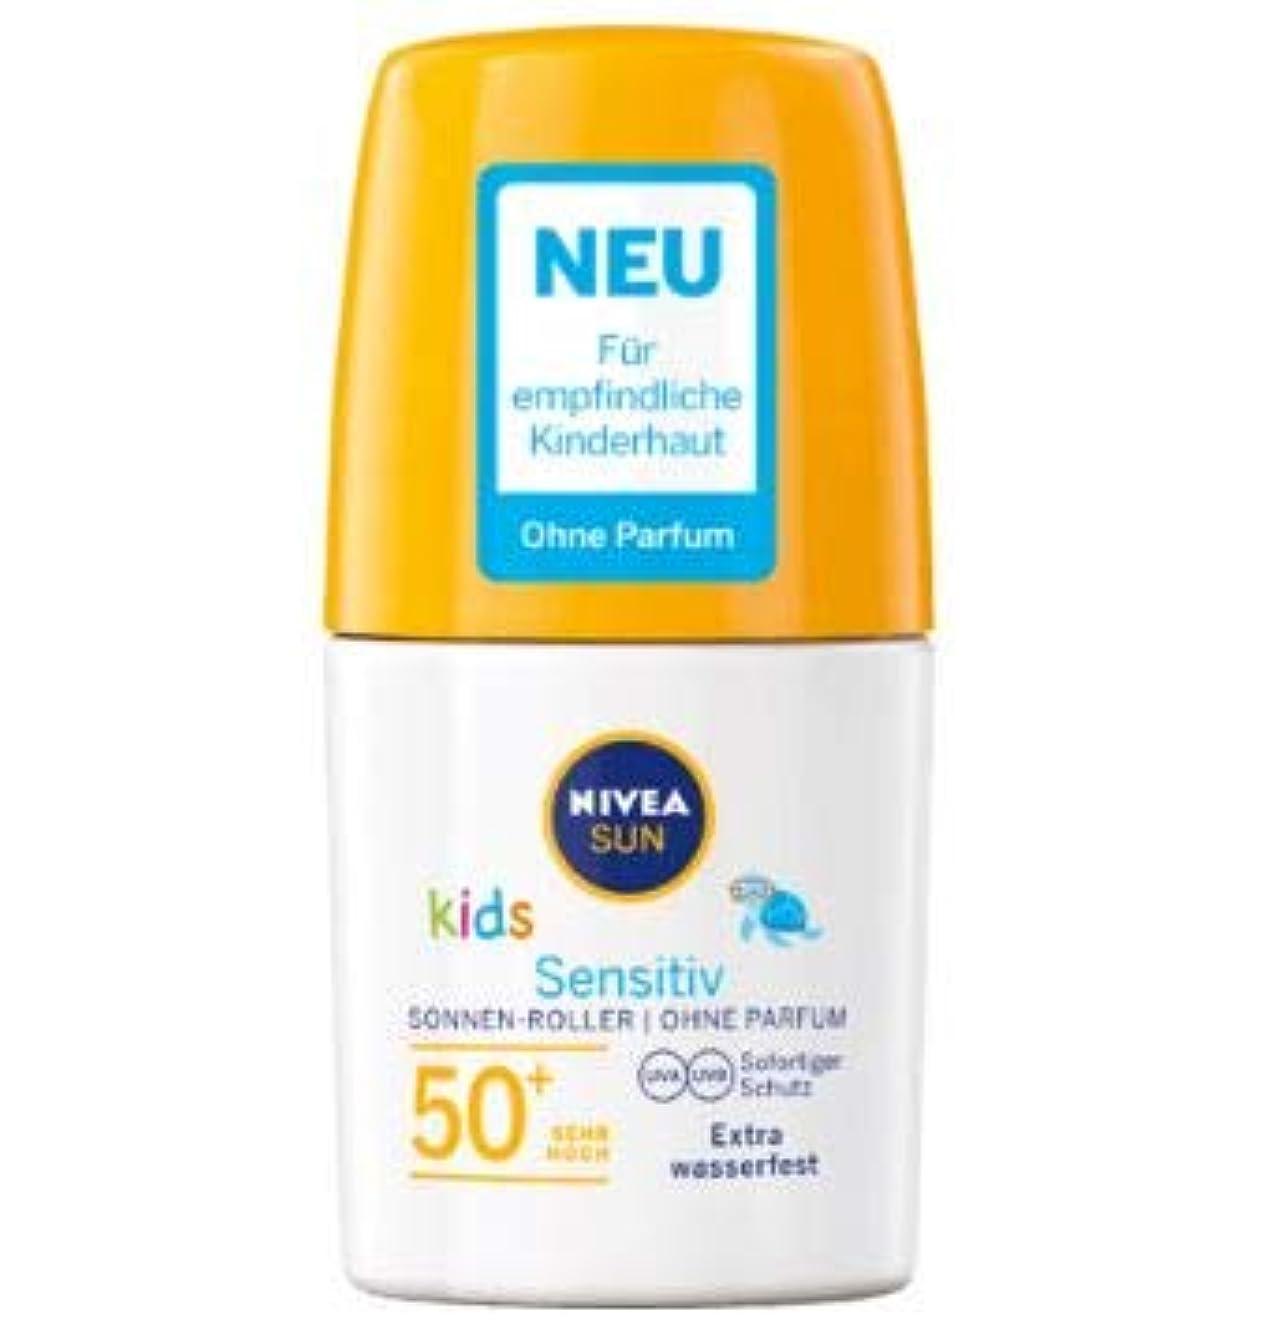 嬉しいです予算ワイプニベア Nivea Sun 日焼け止め ロールオン 敏感肌 子供用 50ml SPF50+ [並行輸入品]